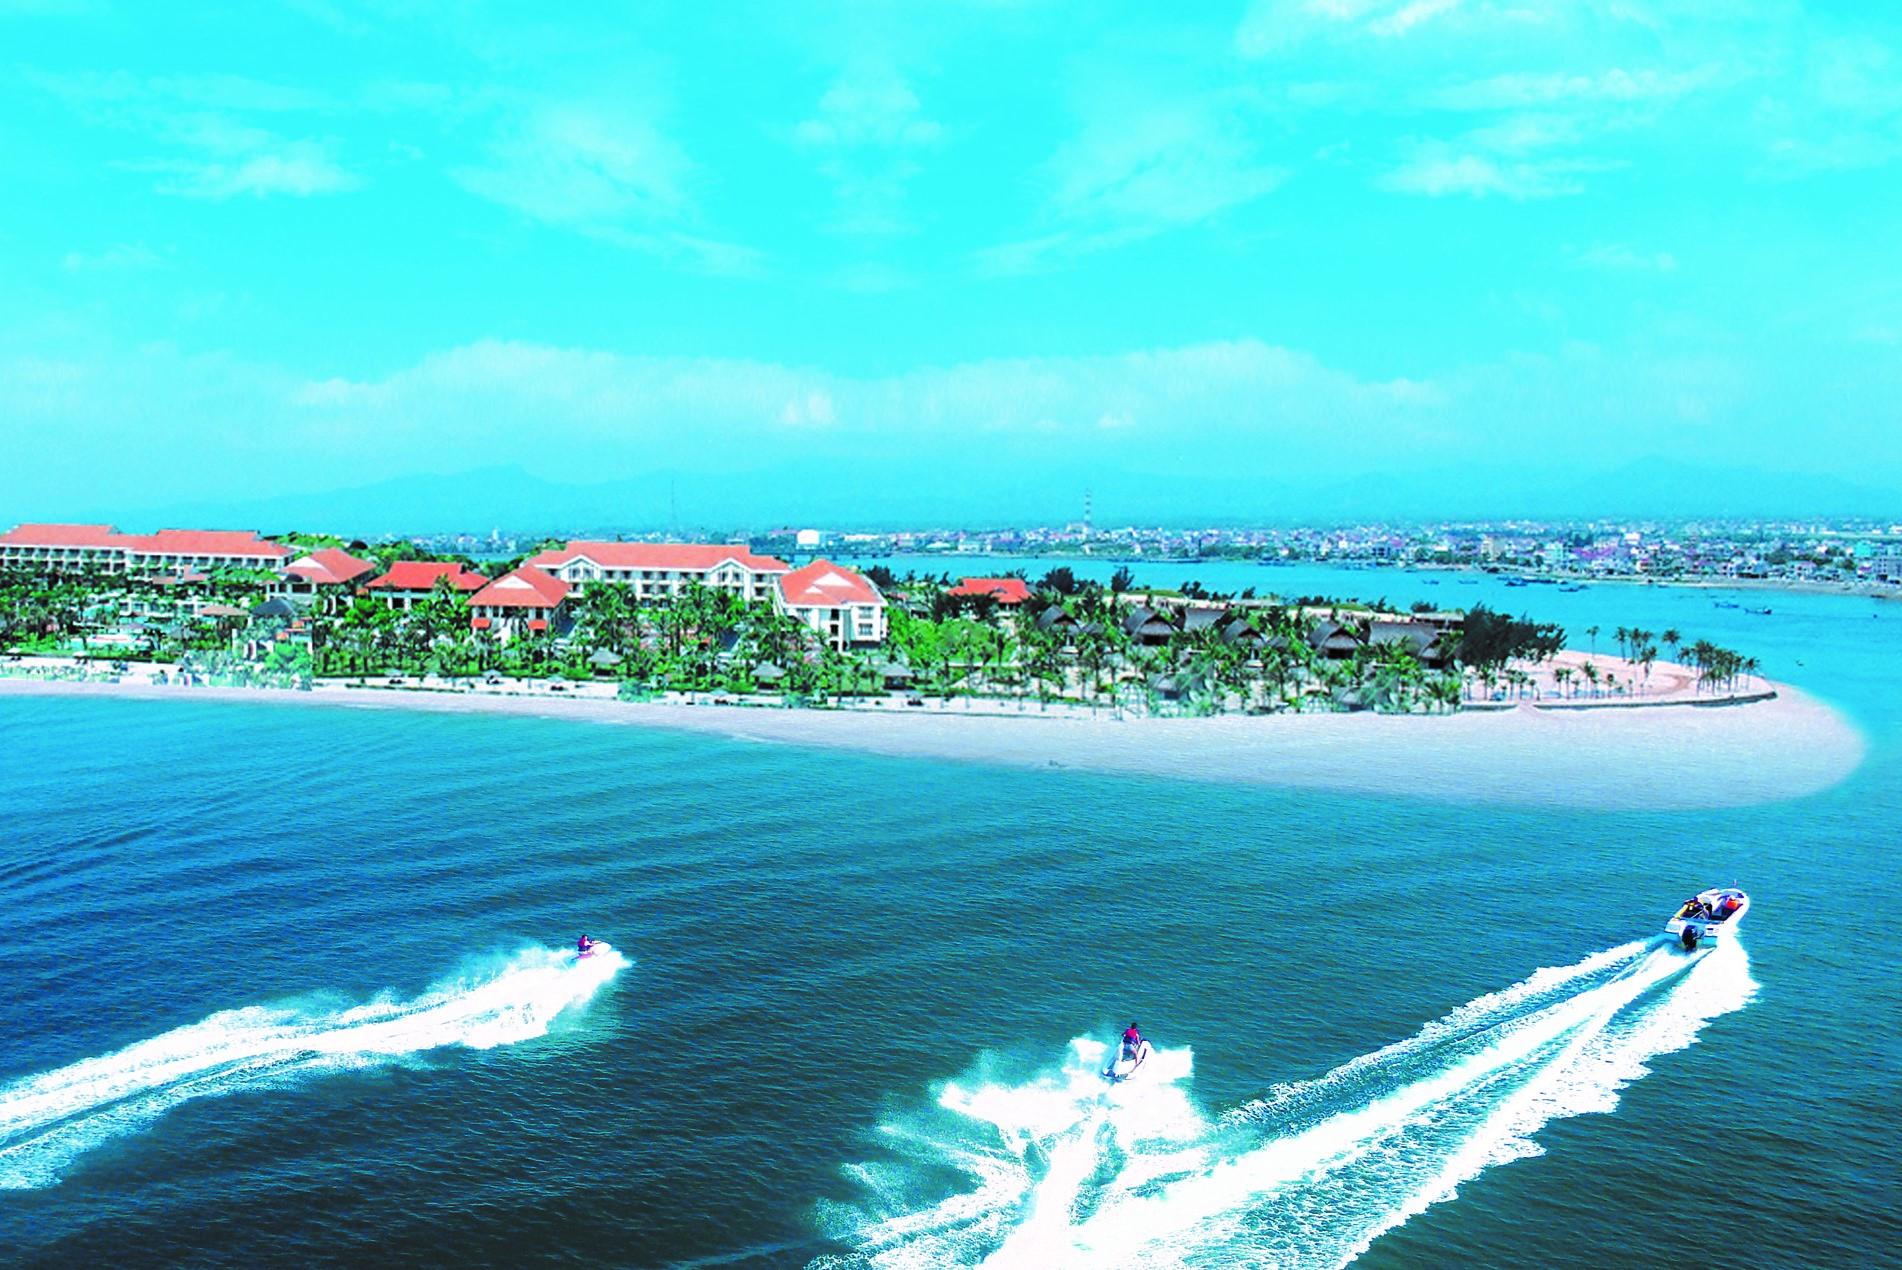 Quảng Bình: Sun Spa Resort – Địa điểm du lịch MICE đẳng cấp